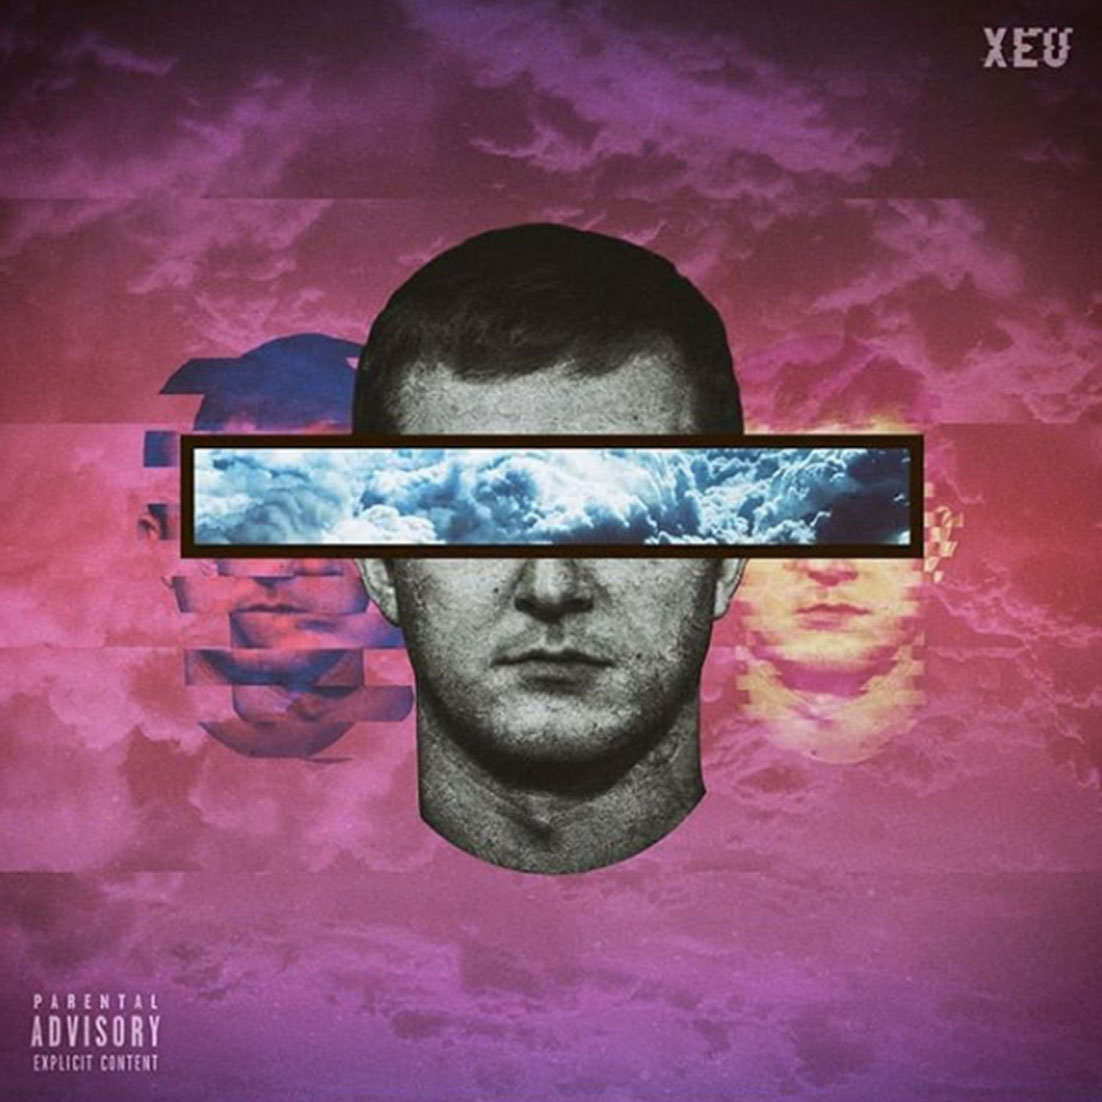 """Vald cover fans rap creation musique xeu visage - Les meilleures pochettes réalisées pour """"XEU"""", le nouvel album de Vald"""